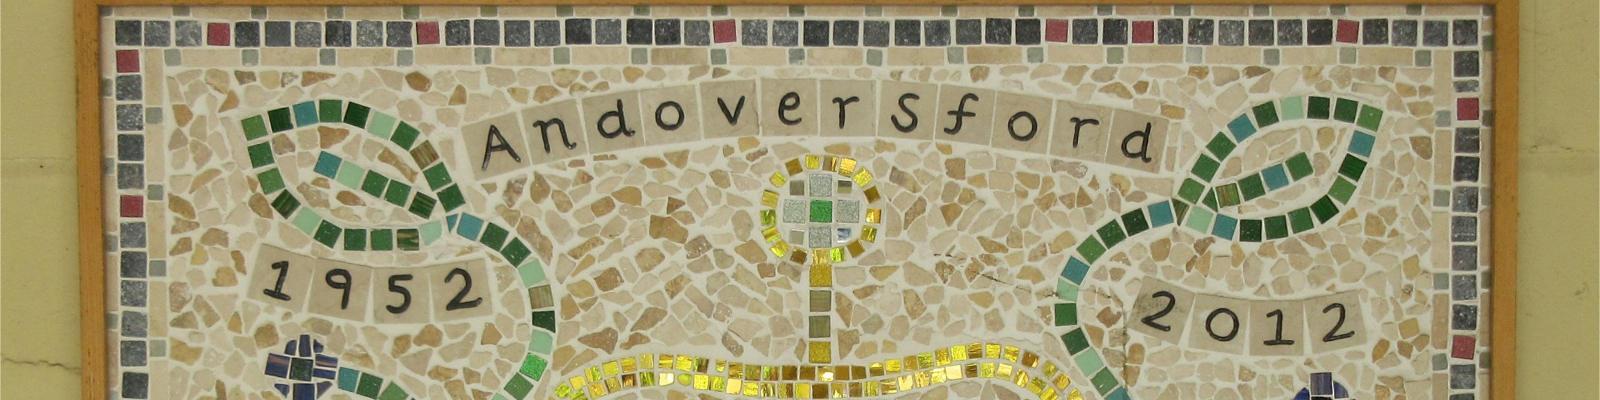 Andoversford Mosaic